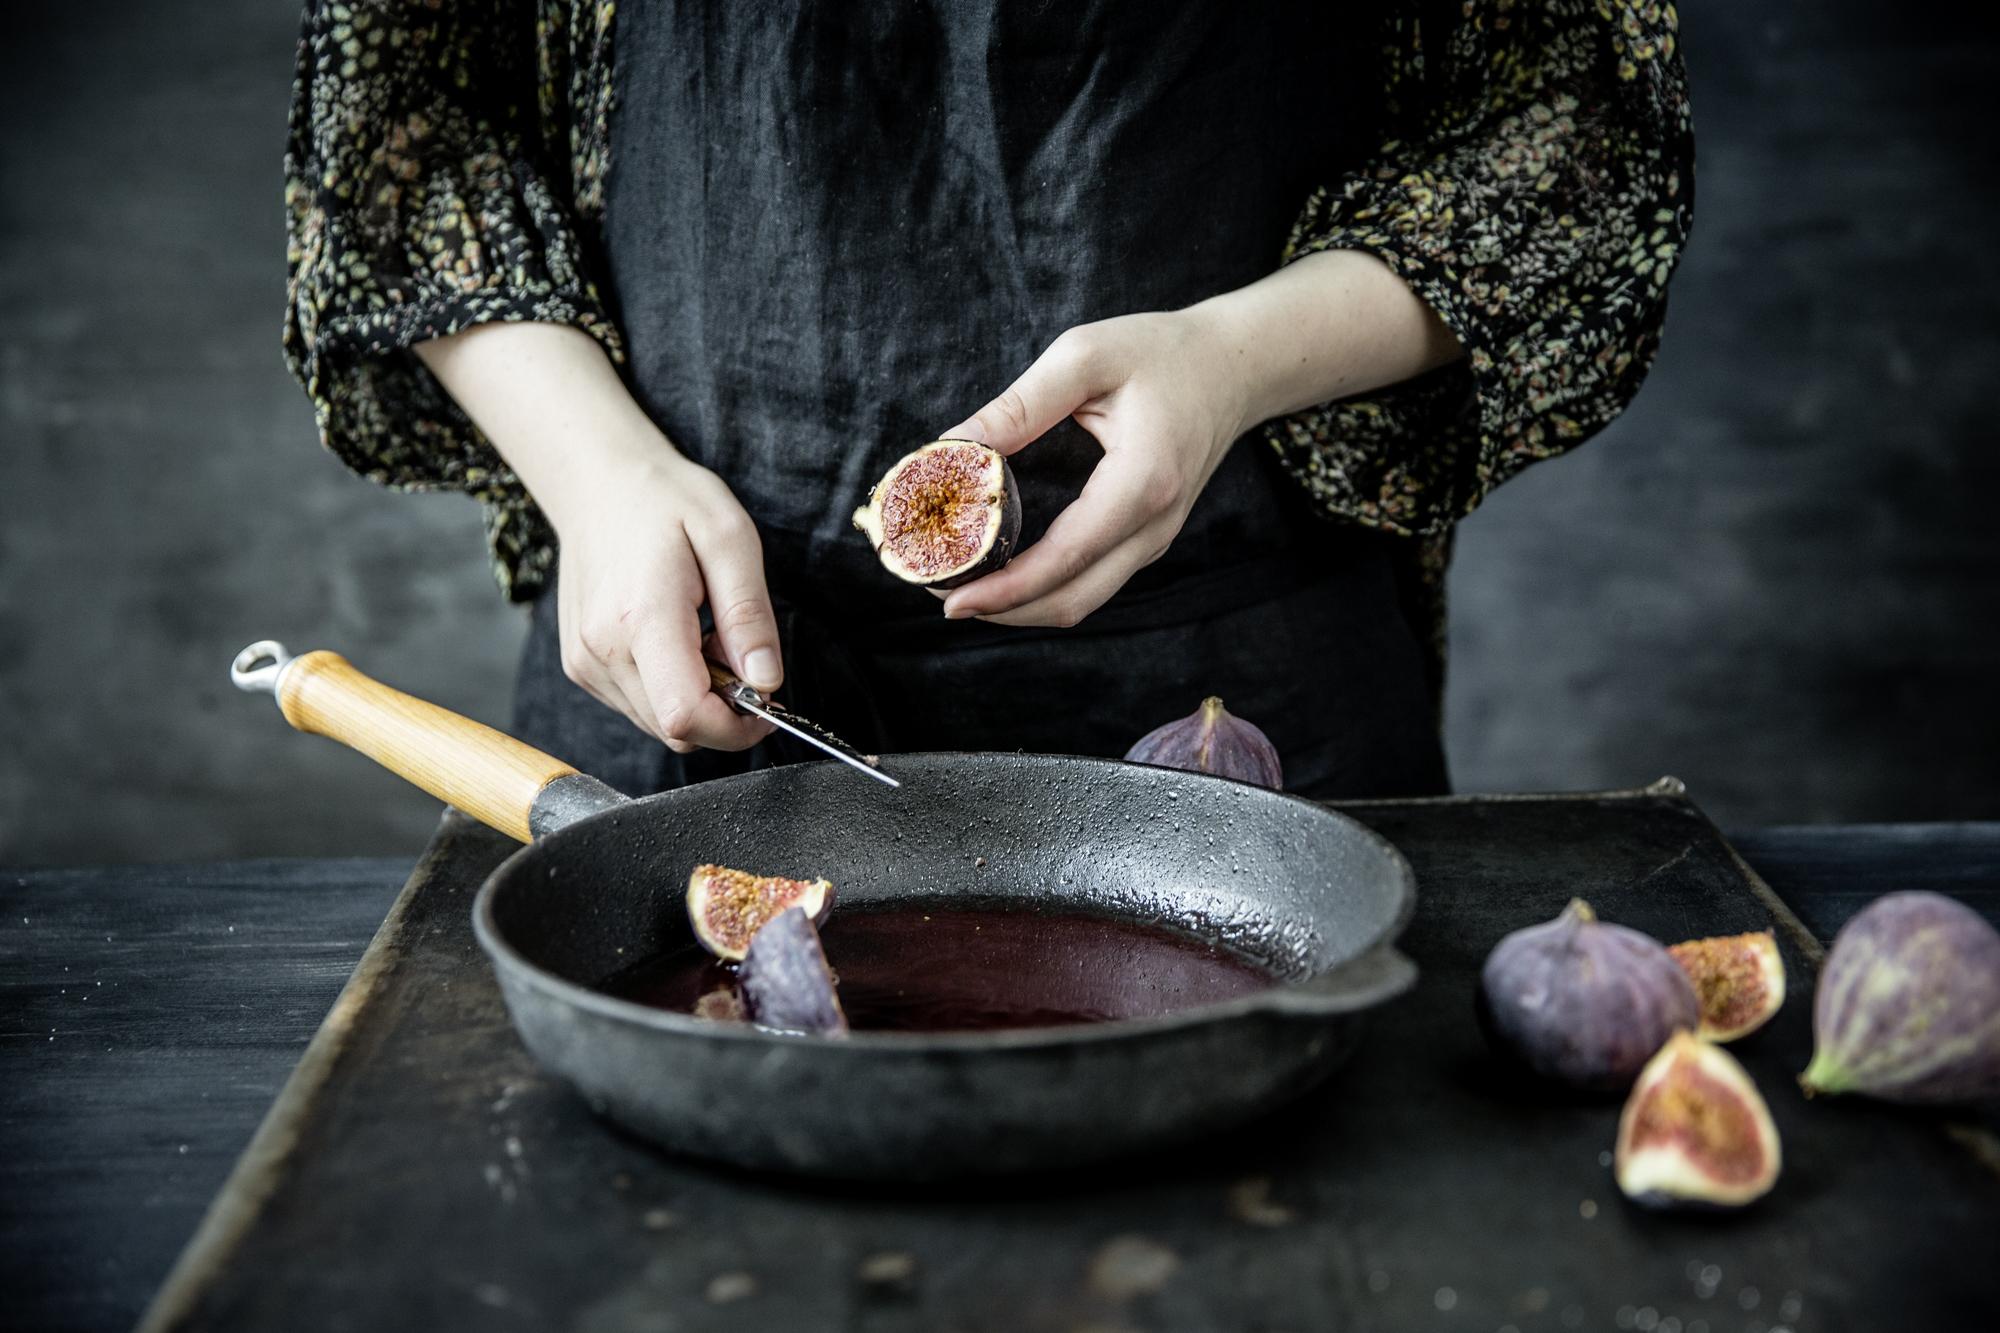 Food Fotoshooting | Stefan Schmidlin Fotografie Basel, Bild -22.jpg